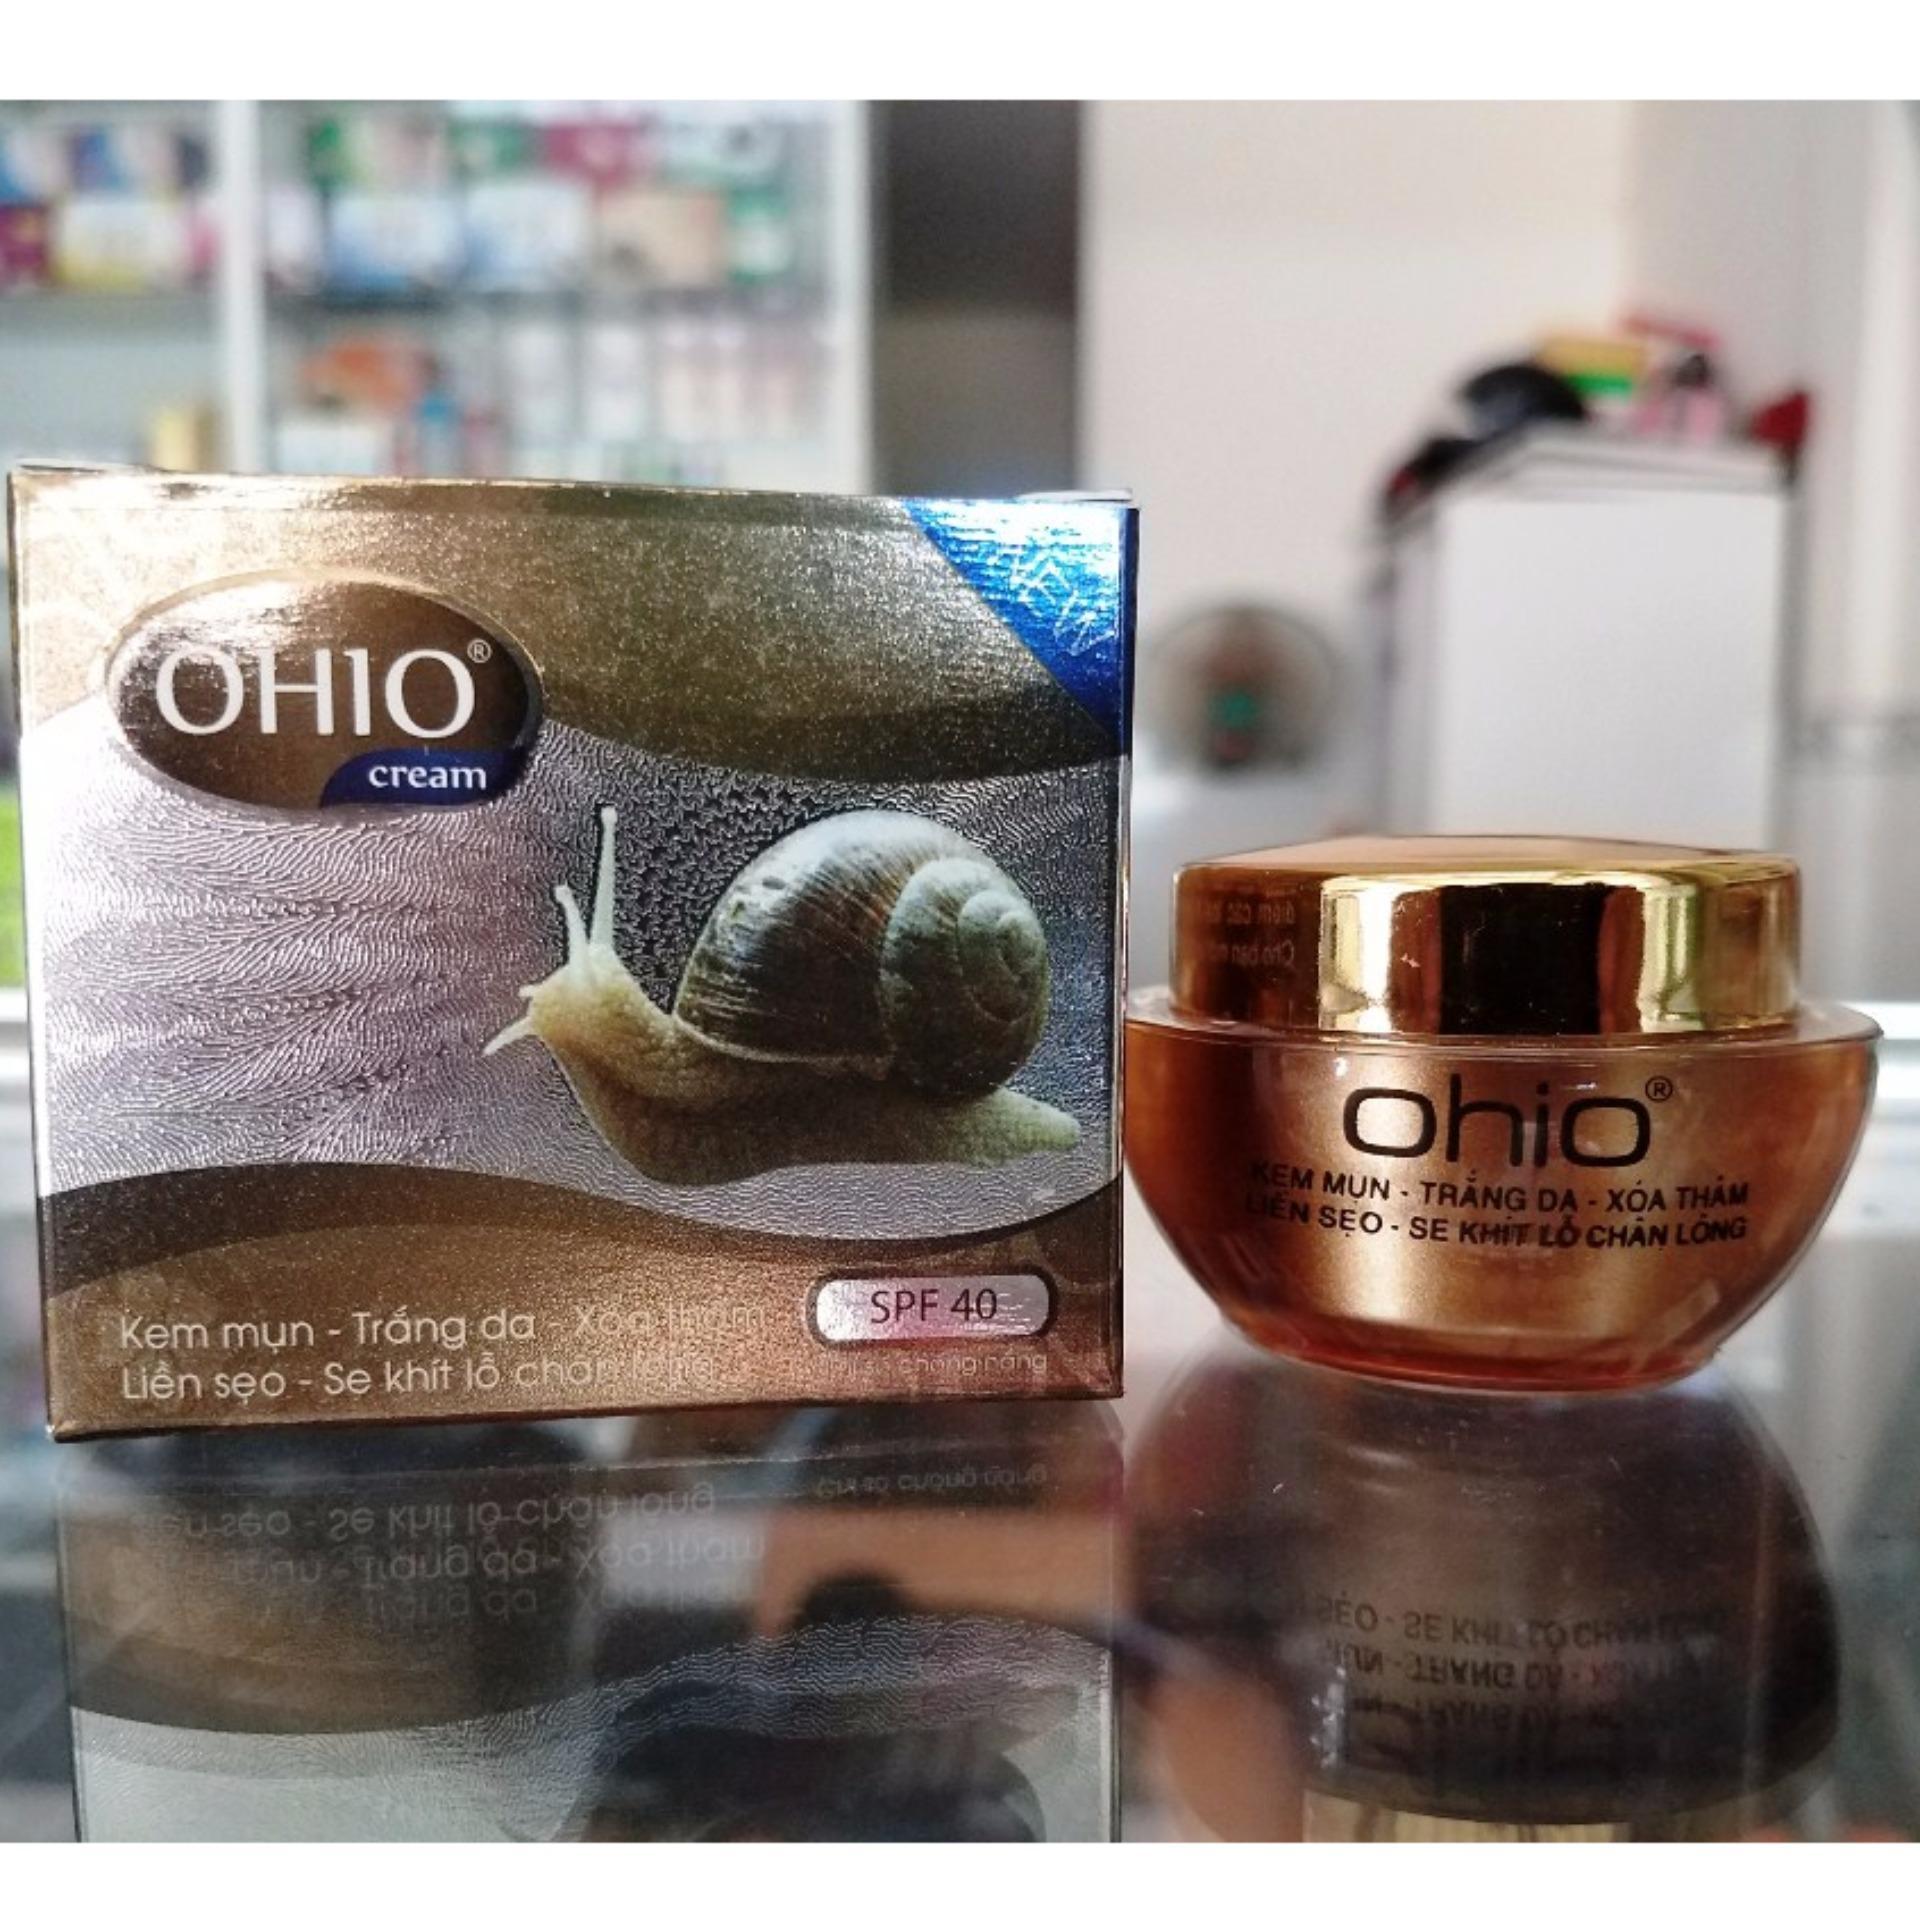 Kem trị mụn - Trắng da - Xóa thâm - Liền sẹo - Se khít lỗ chân lông Ốc Sên OHIO New Day - 20g Nhật Bản